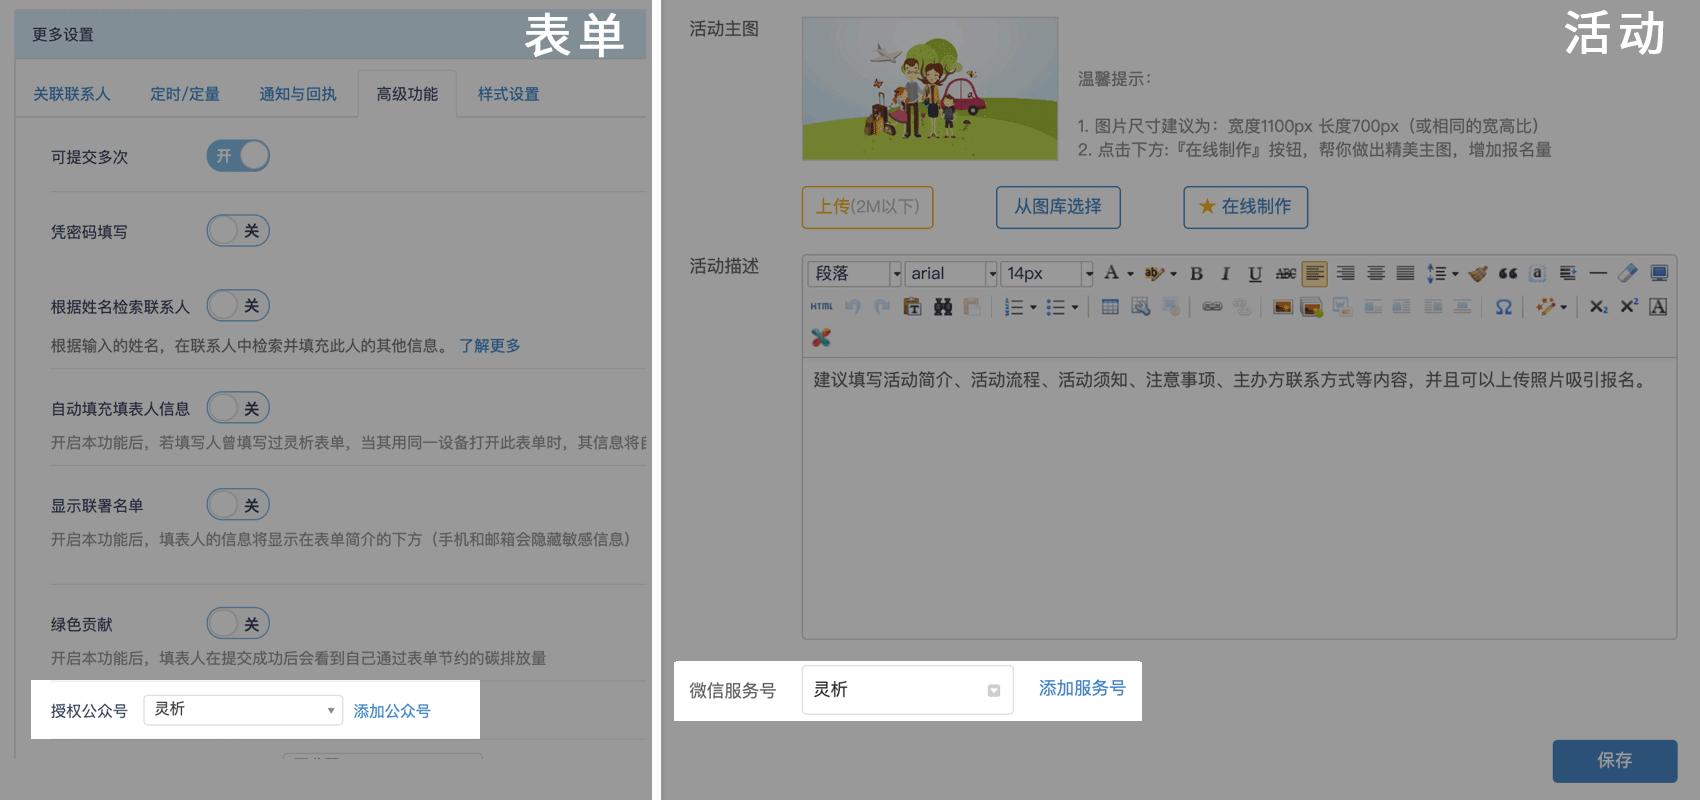 帮助中心-微信模板消息02.png